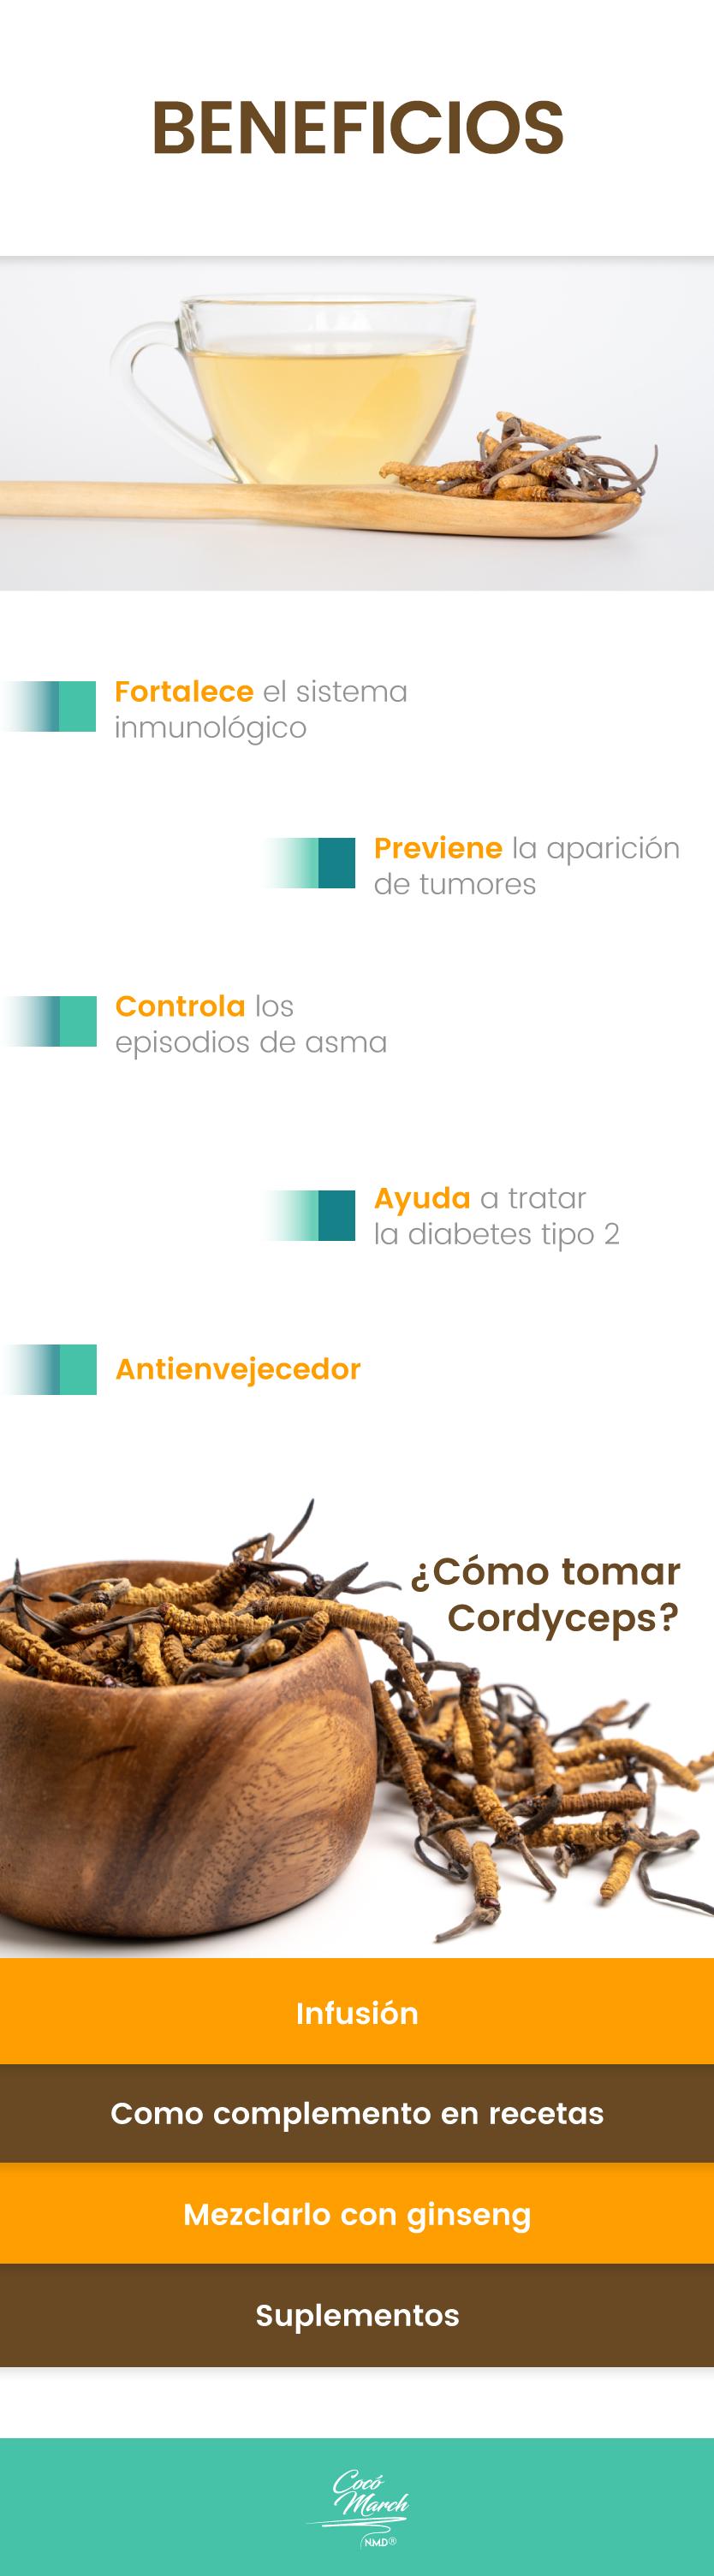 beneficios-del-cordyceps-sinensis